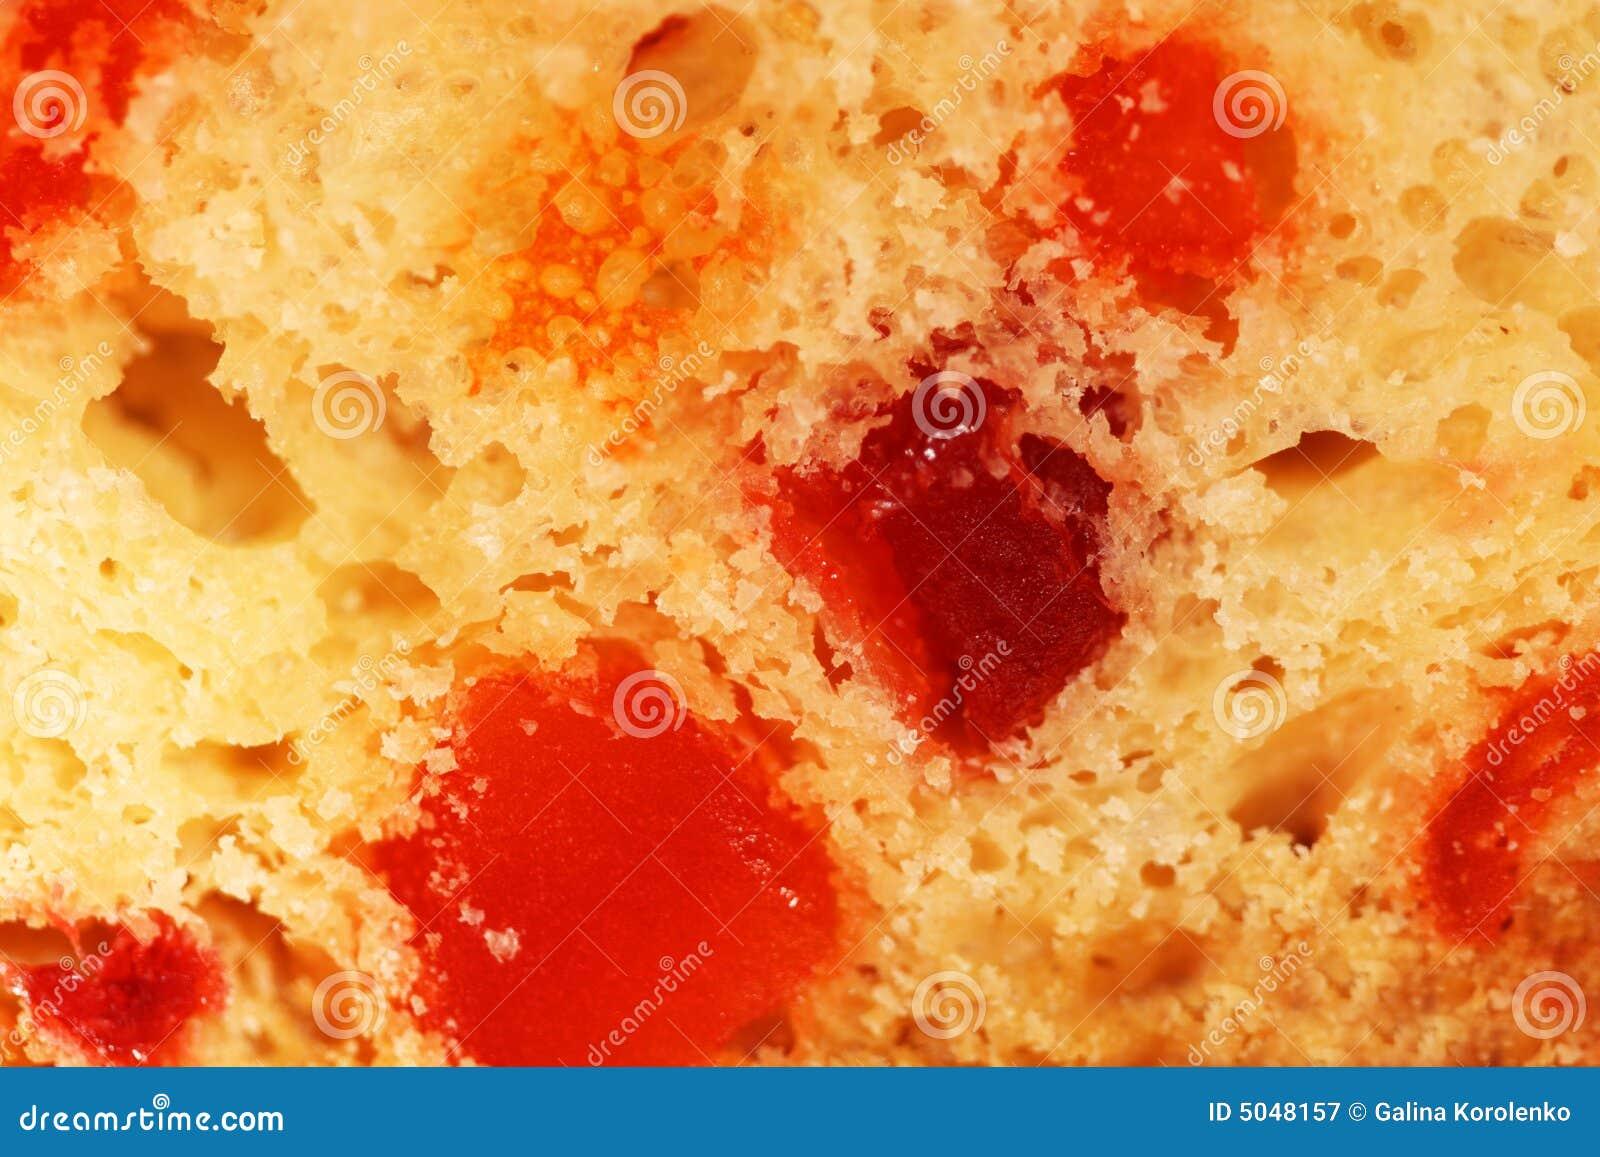 Slice of fruit-cake background